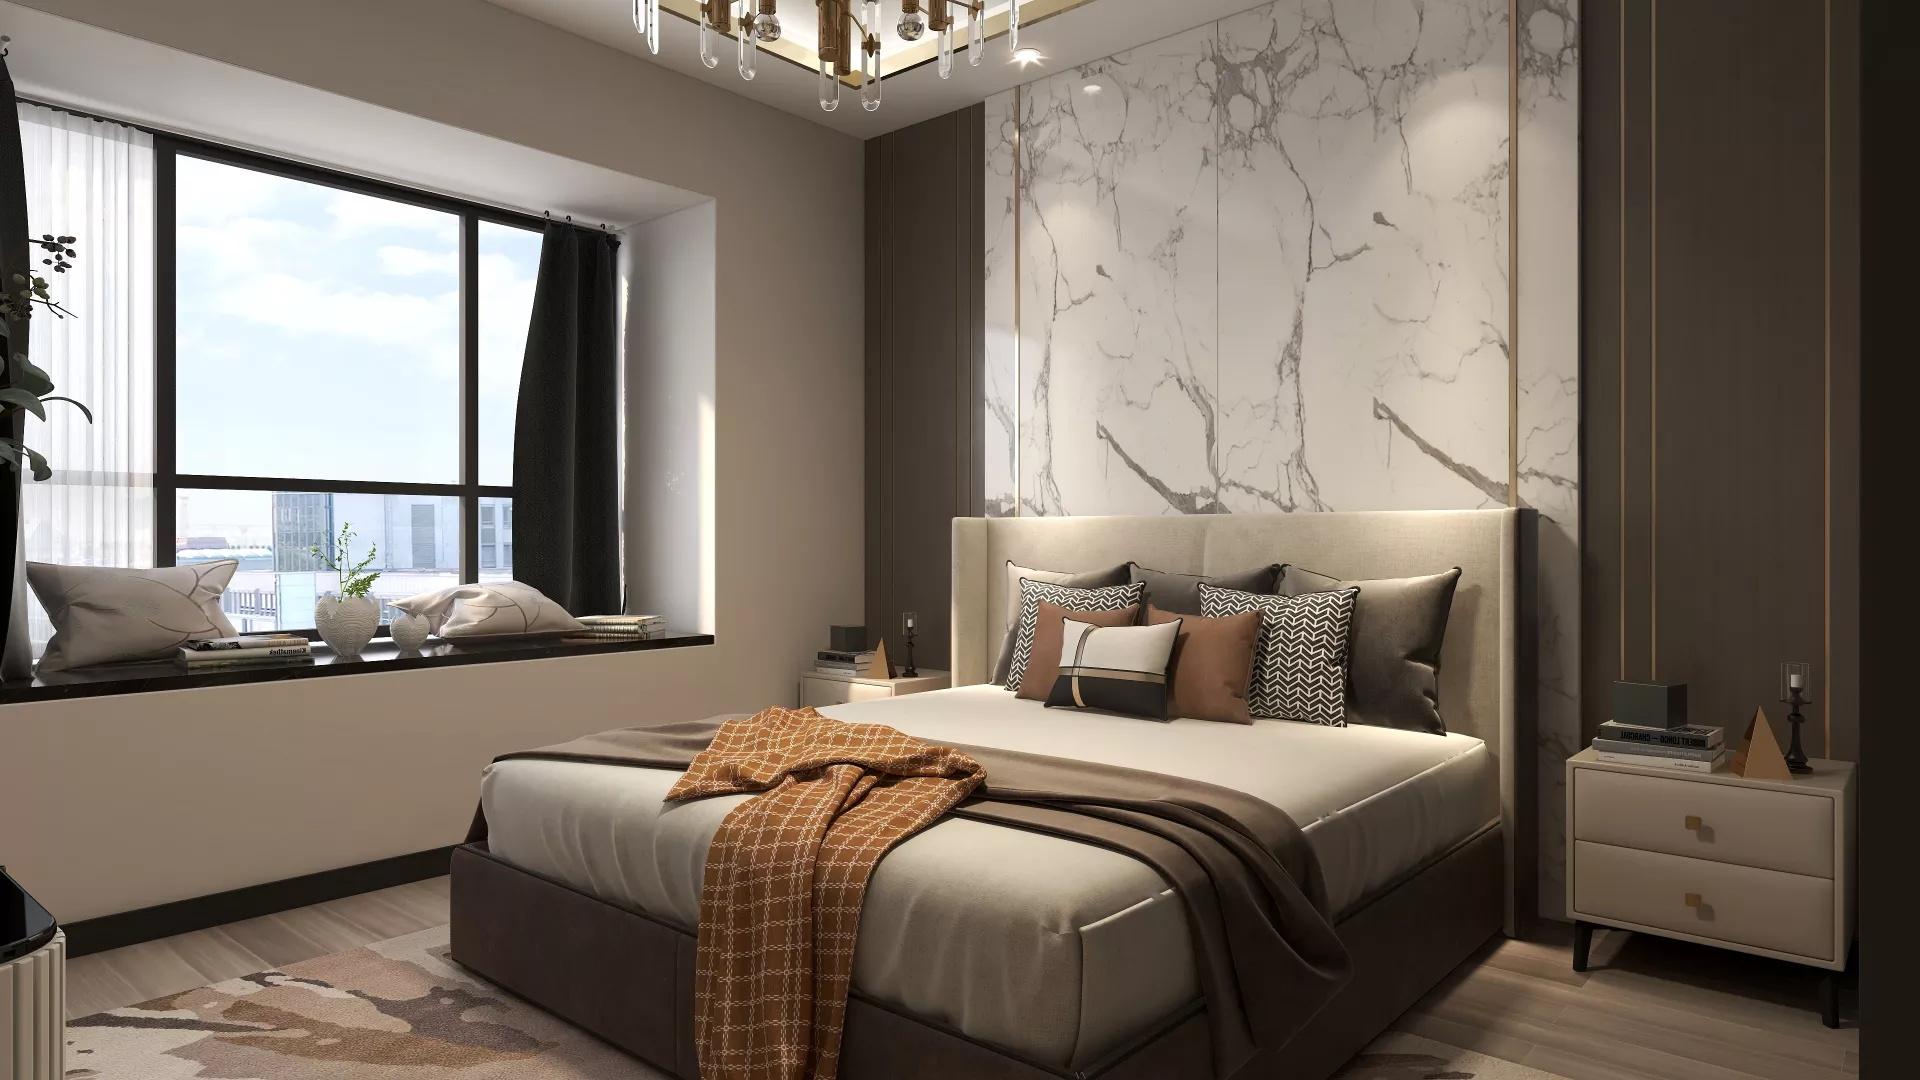 意大利A326公寓现代风格舒适客厅设计效果图